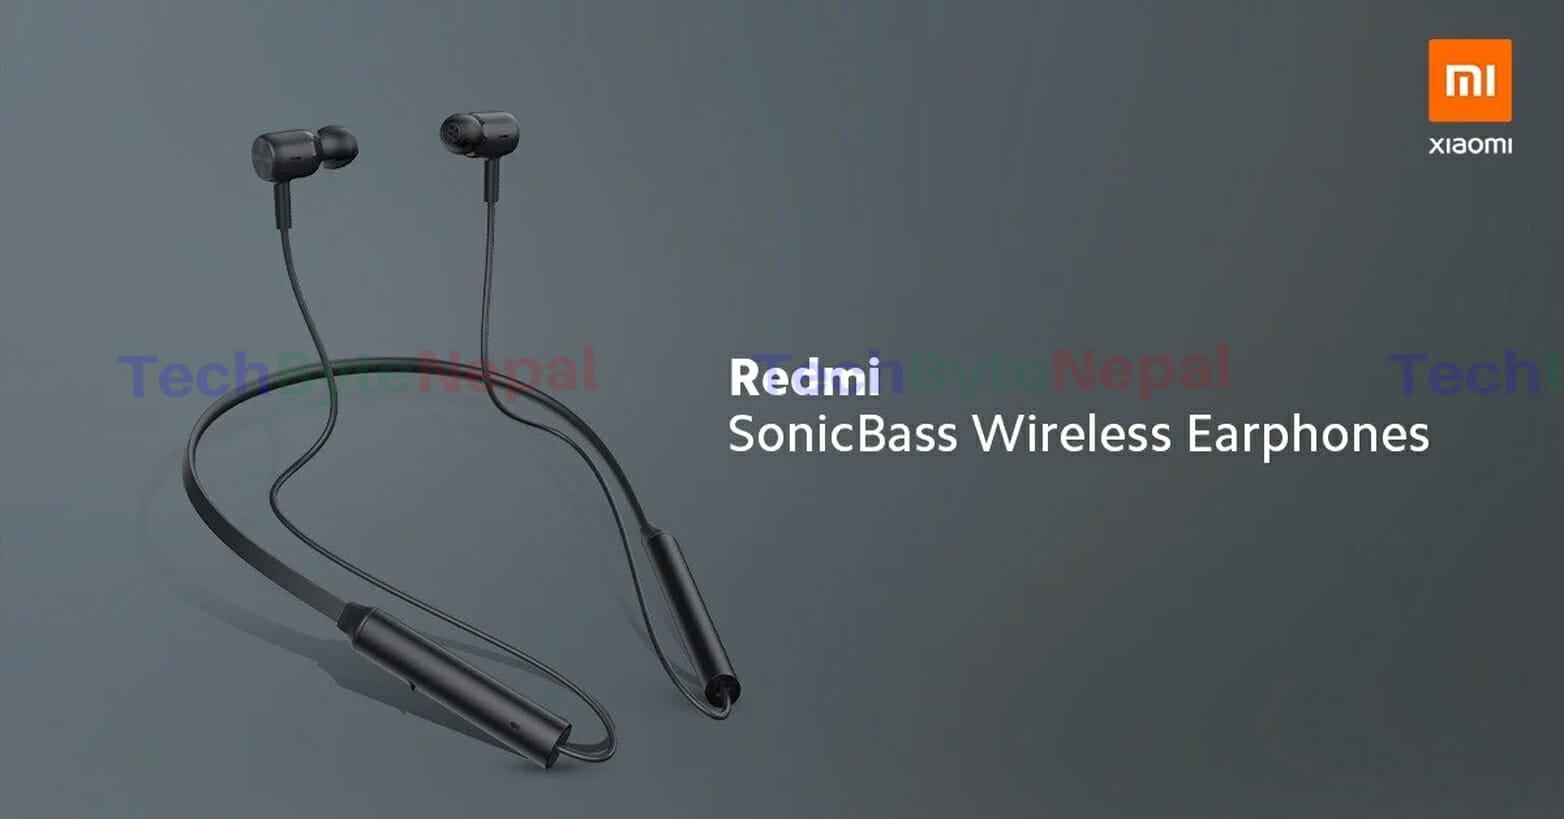 Redmi SonicBass Wireless Earphones is built of plastic